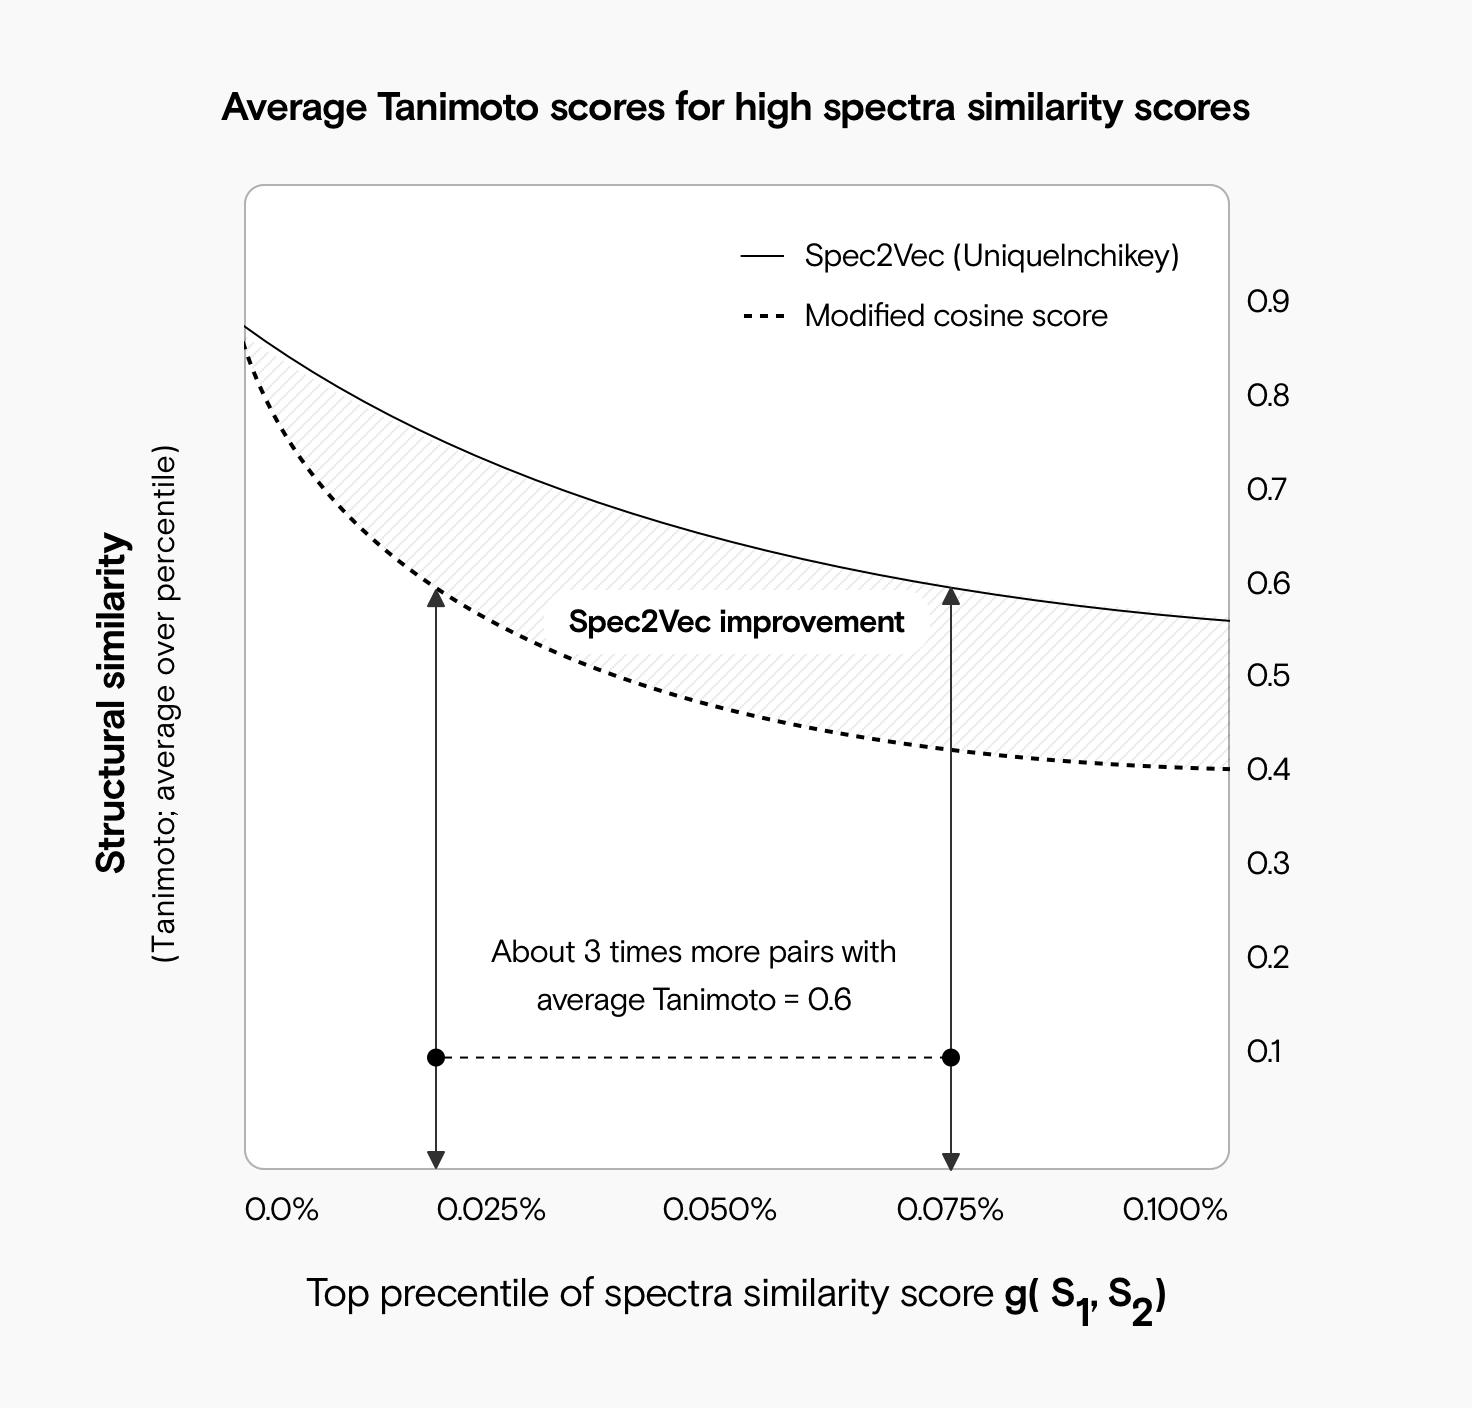 Ein Diagramm, das zeigt, wie der durchschnittliche Tanimoto-Score für die hoch bewerteten Spec2Vec-Spektralpaare im Vergleich zu den Hughes-Kosinus-Ähnlichkeitspaaren deutlich höher ist.